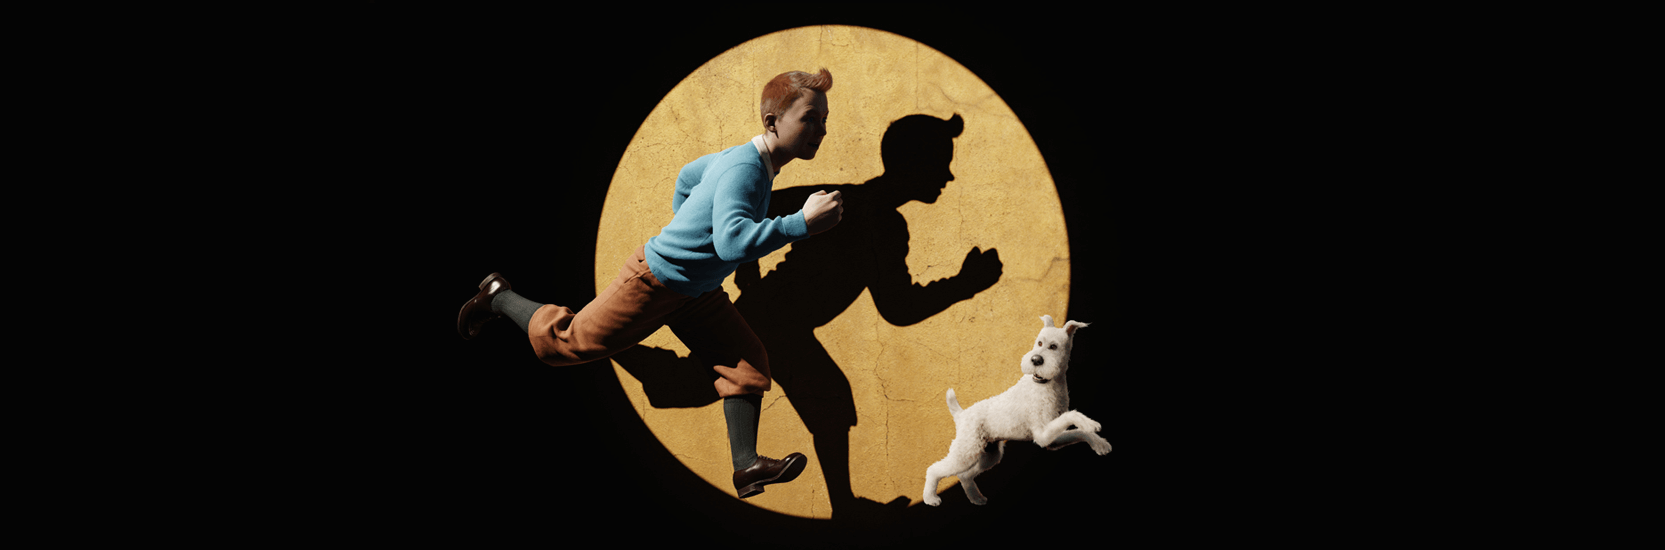 Critique – Les Aventures de Tintin : Le Secret de la Licorne